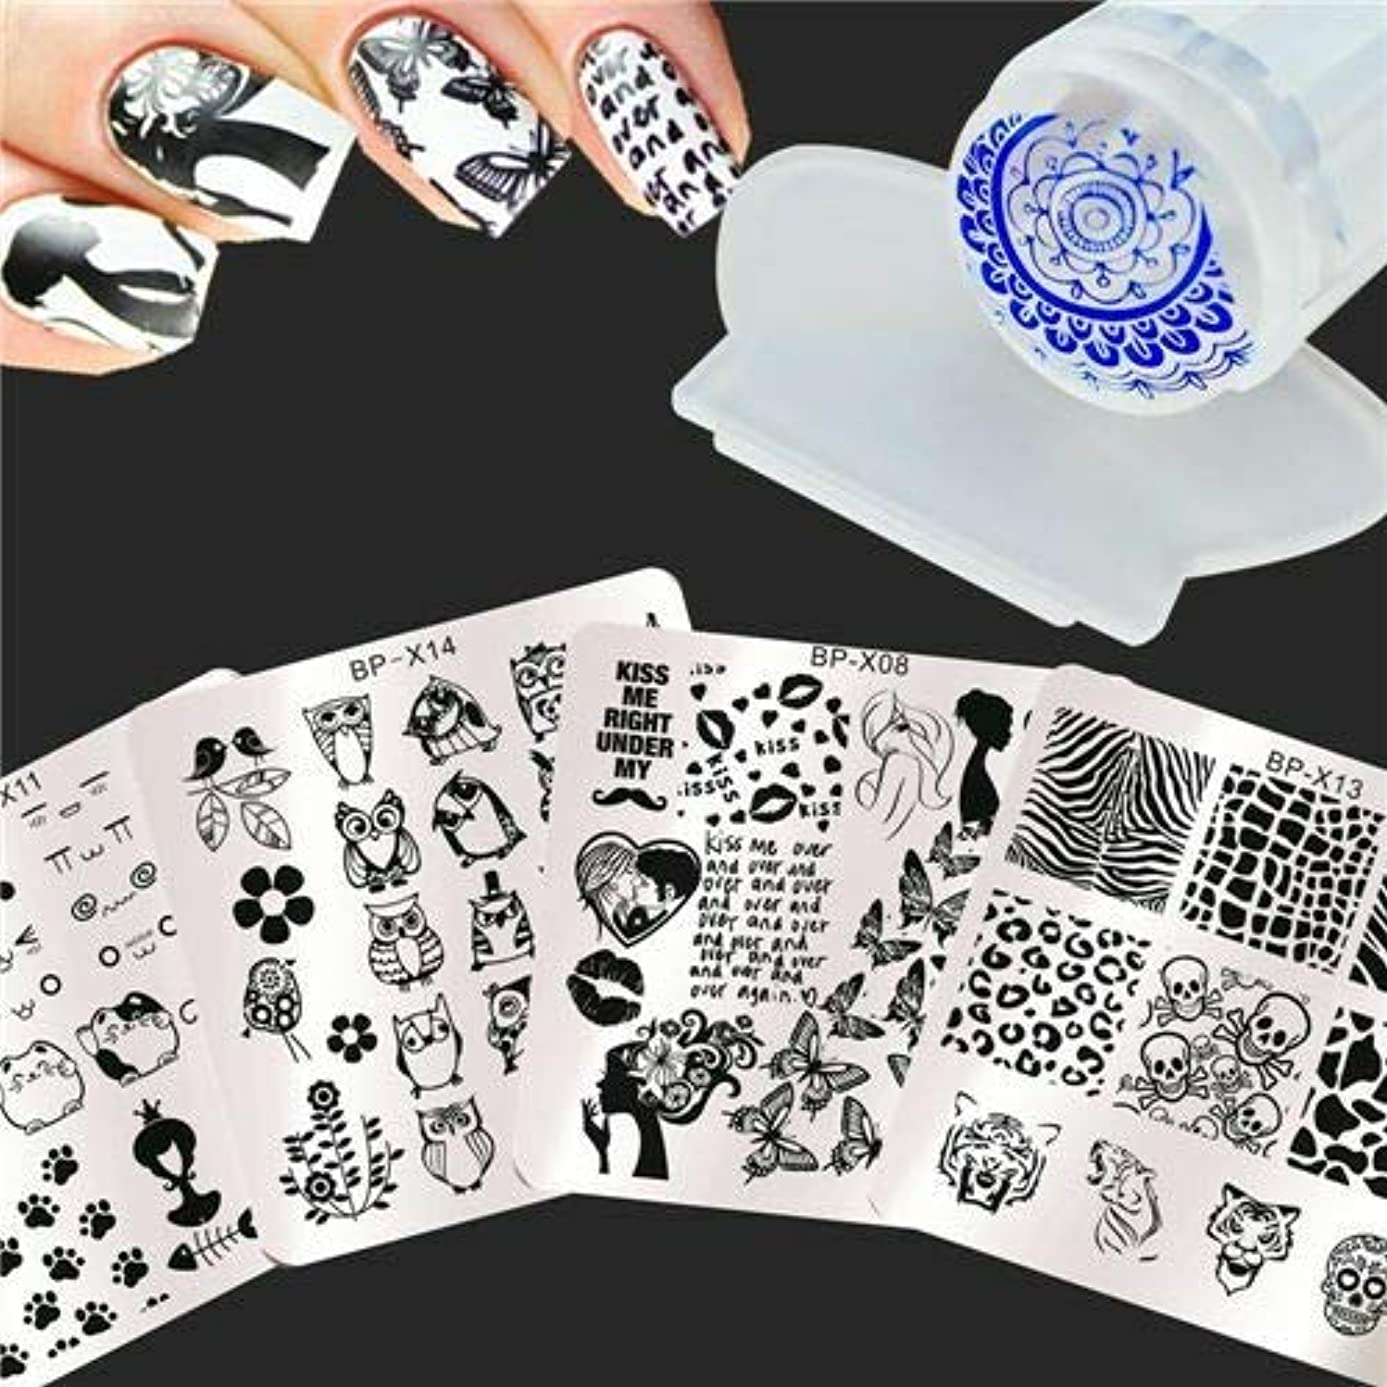 損なう頭蓋骨スタッフFidgetGear 6個/セットネイルアートスタンプイメージプレート猫動物デザインW/スタンパー&スクレーパーDIY